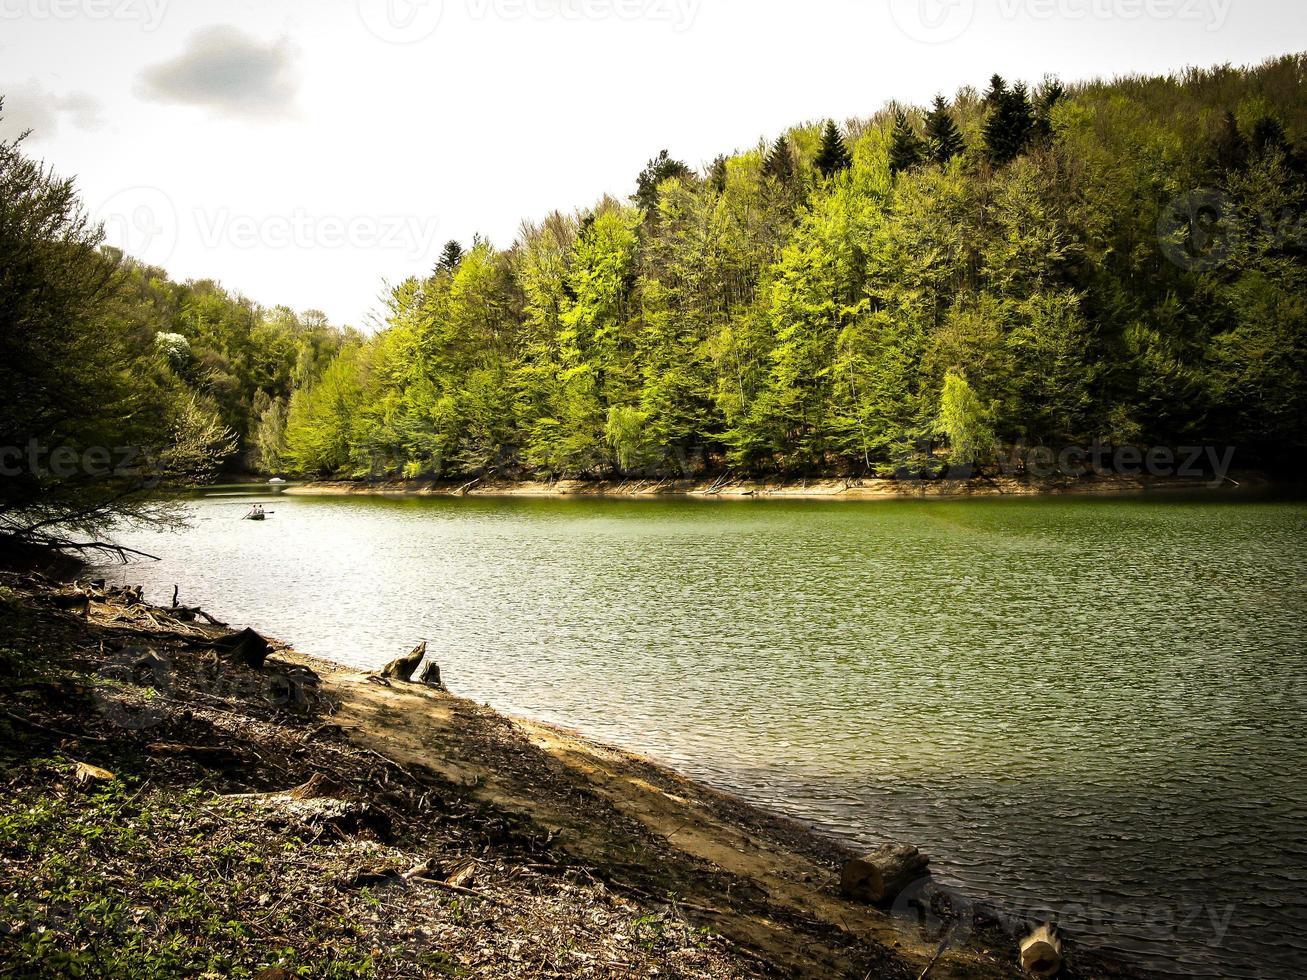 lago del bosque foto